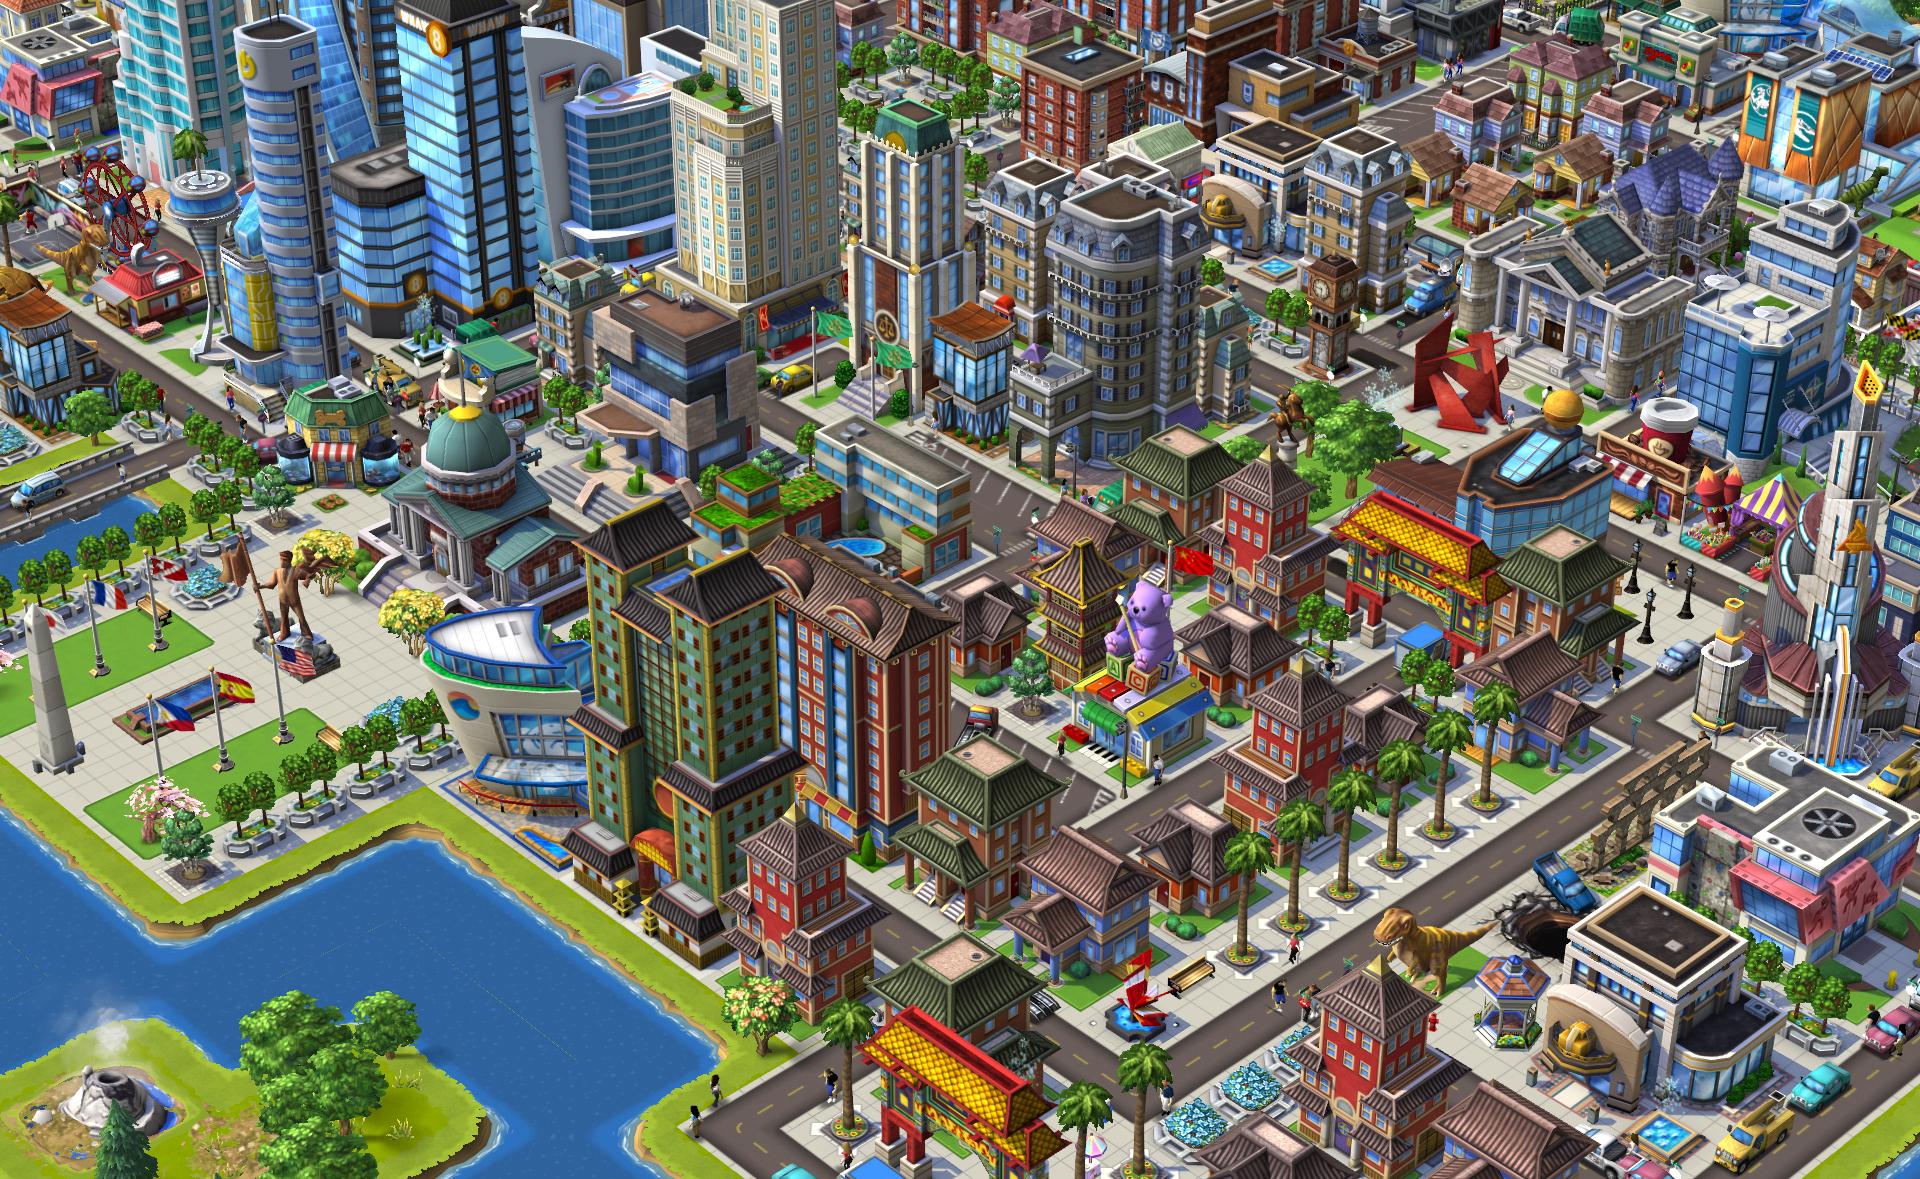 Cityville Zynga